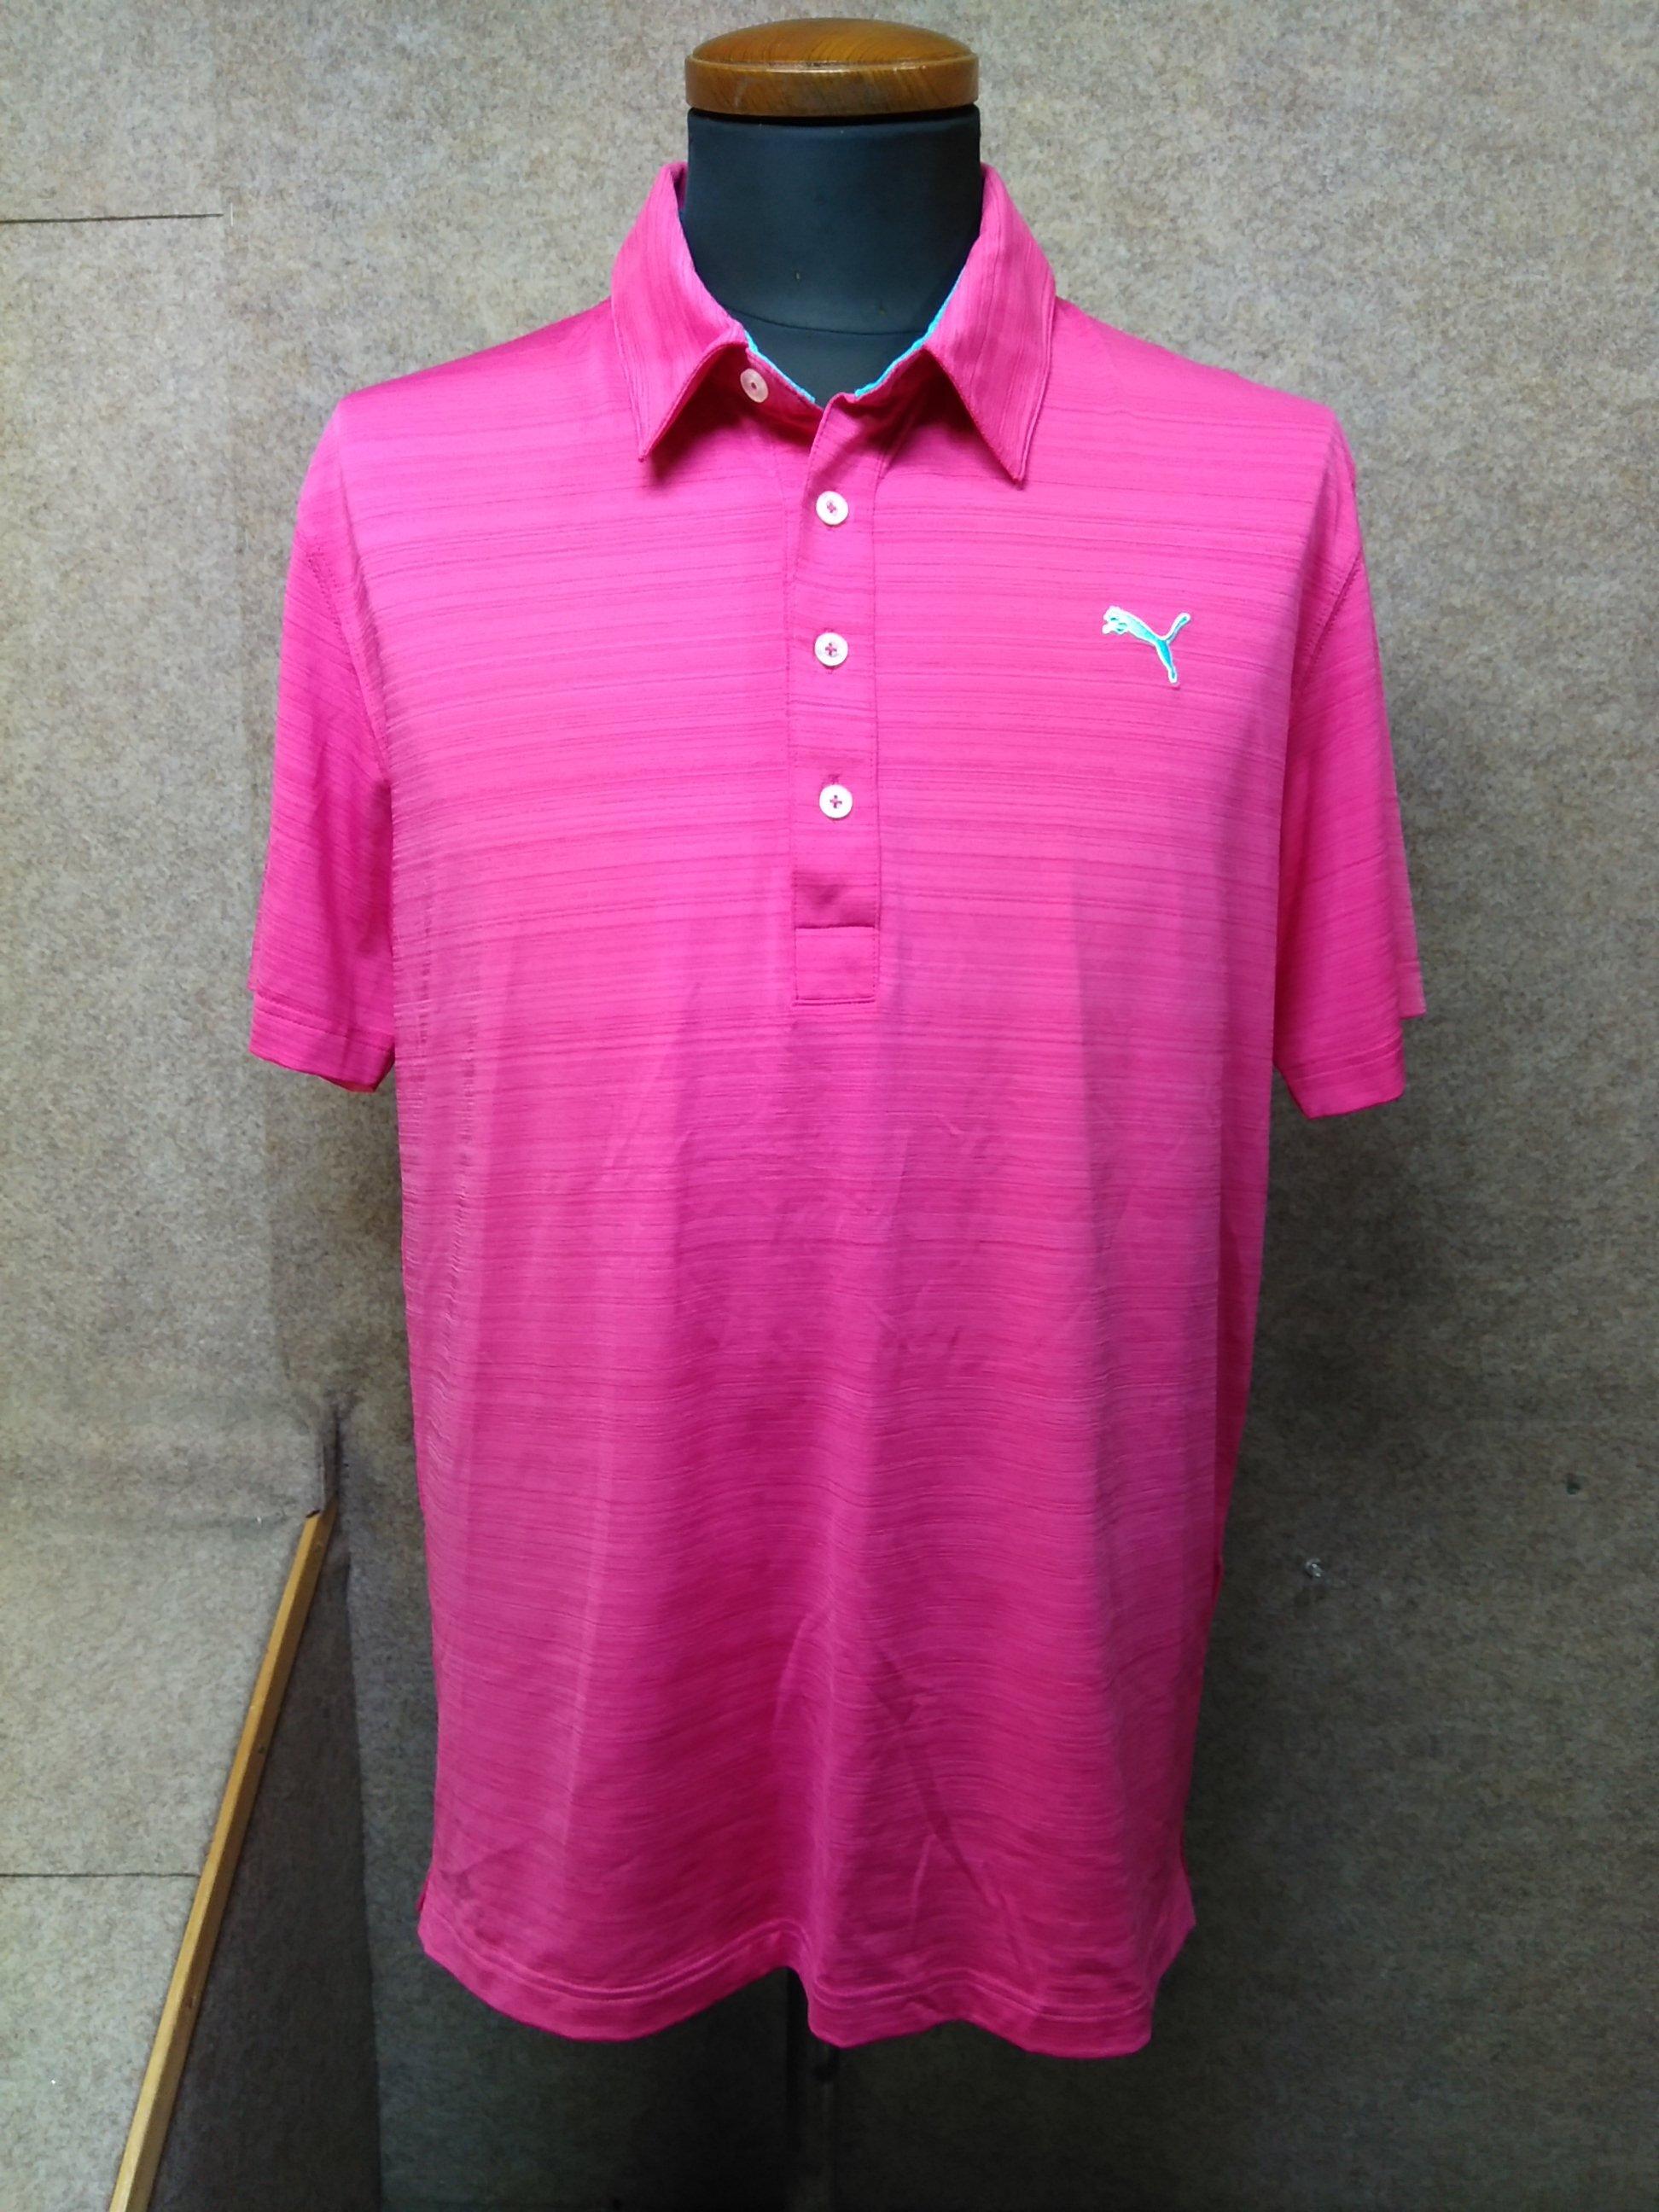 プーマ ポロシャツ メンズ XL ピンク系 DRY my992c